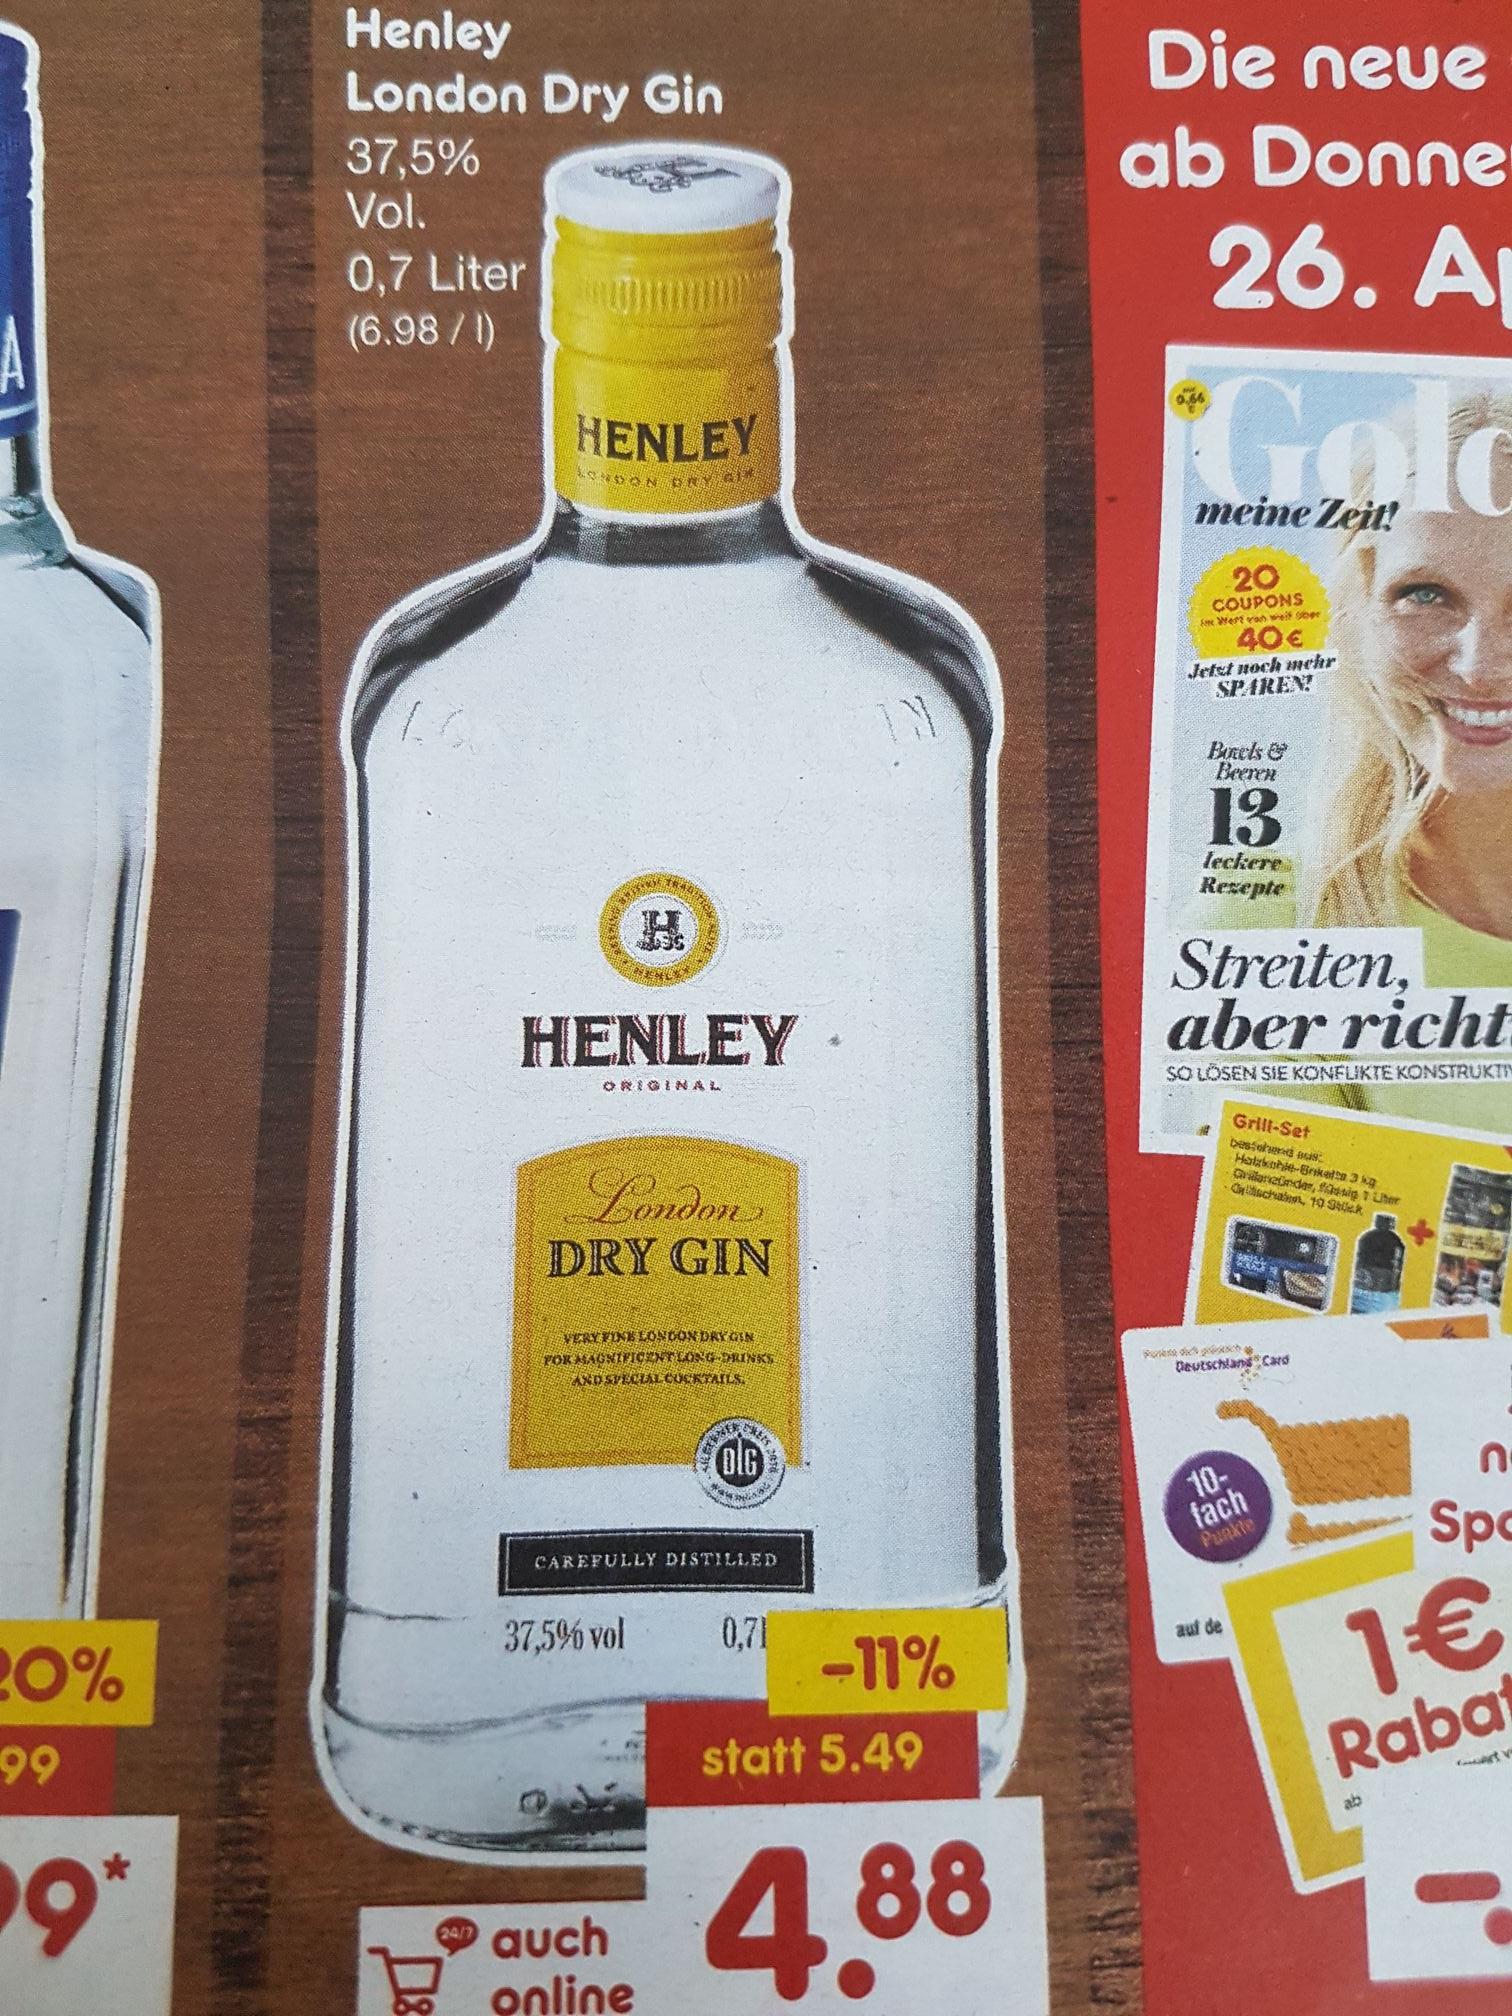 [NETTO bundesweit] Henley London GIN 0,7l für 4,88€